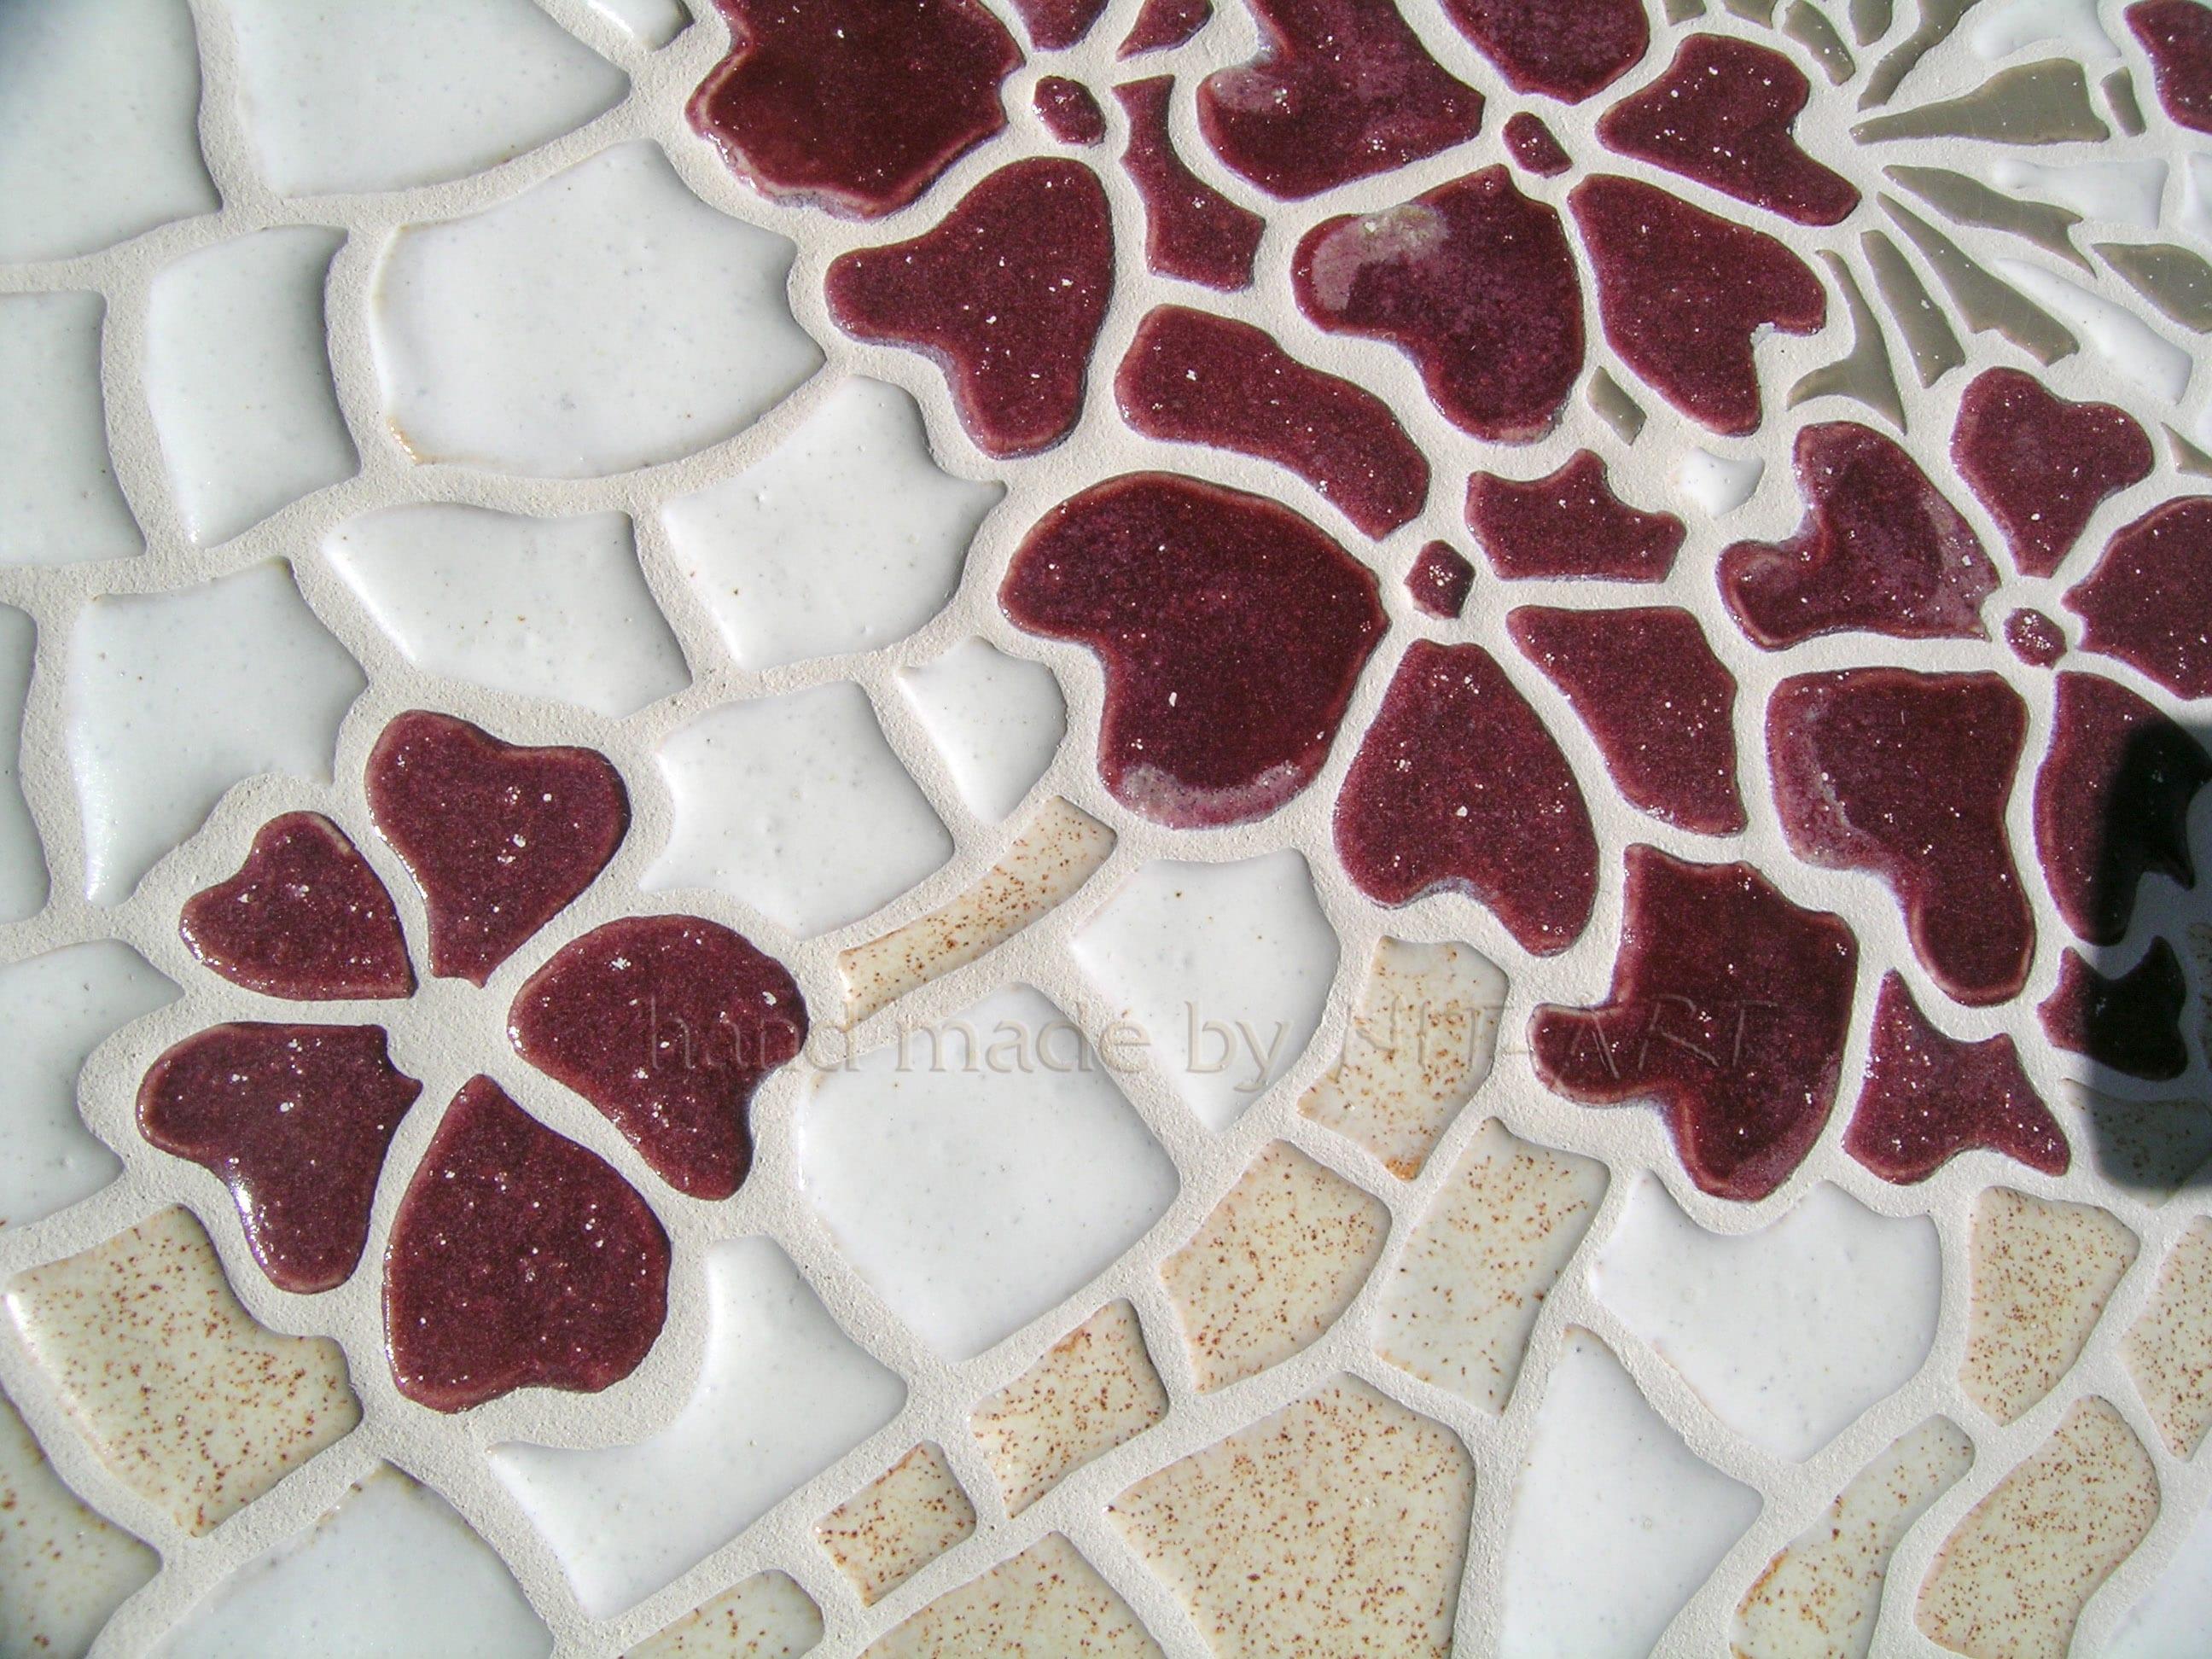 mozaik_a3